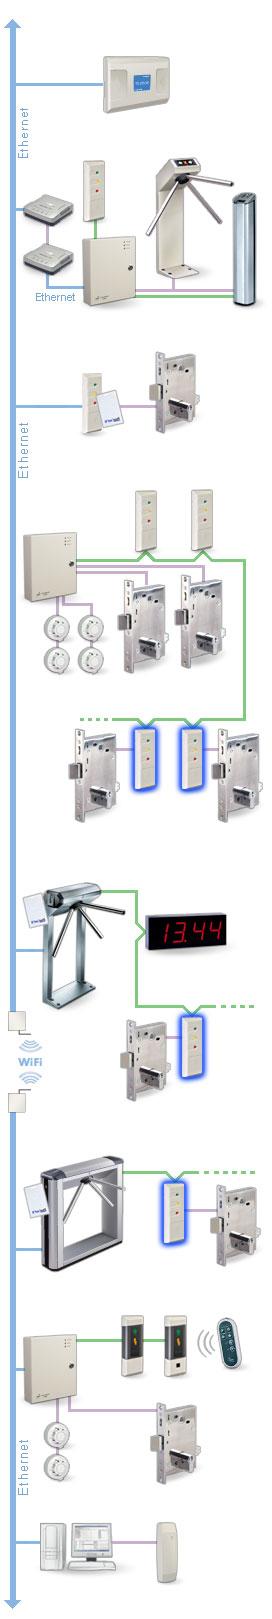 Контроллер замка PERCo-CL201: